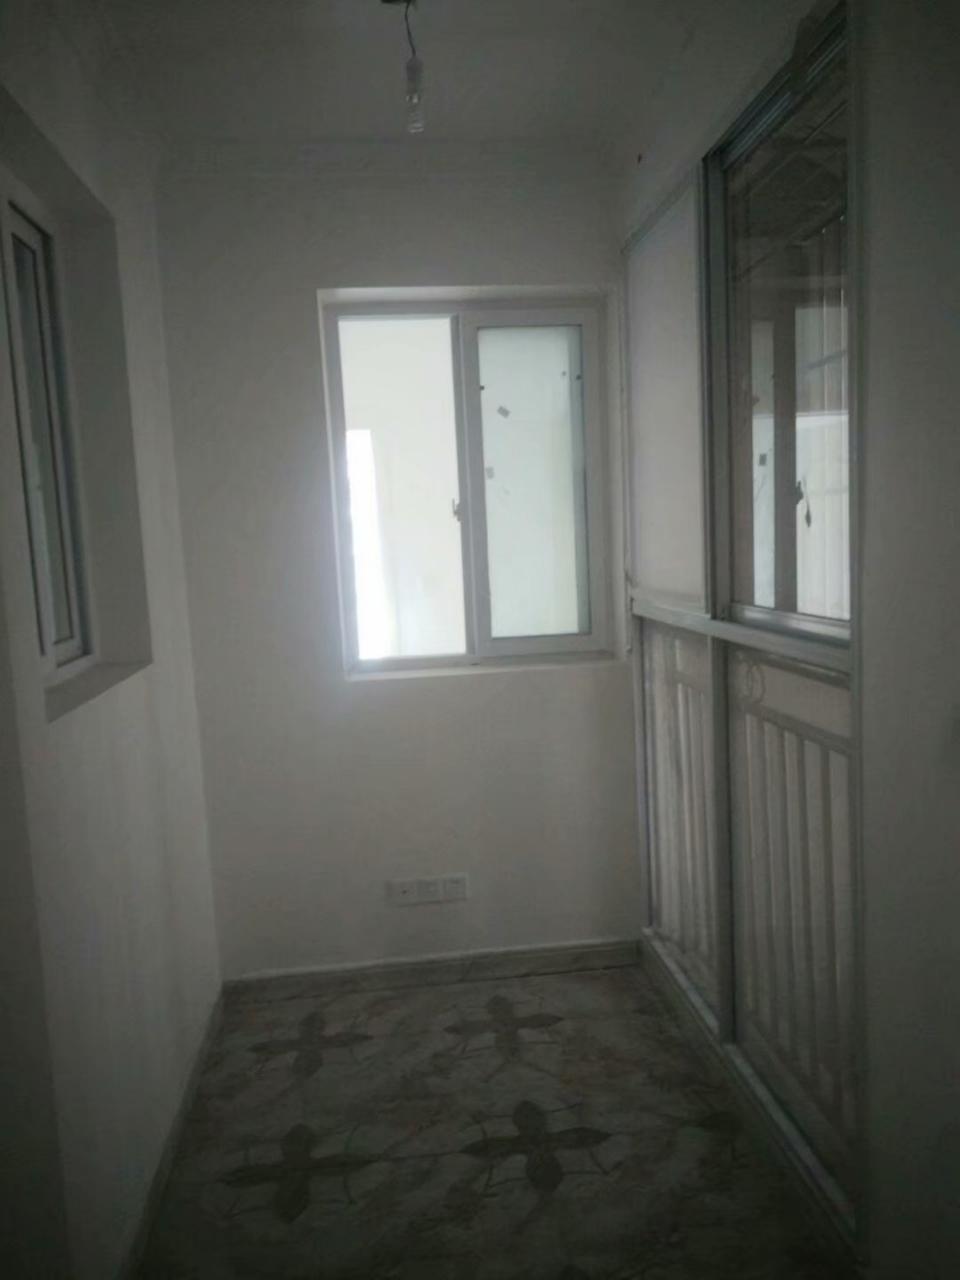 安泰金城3室 1厅 1卫